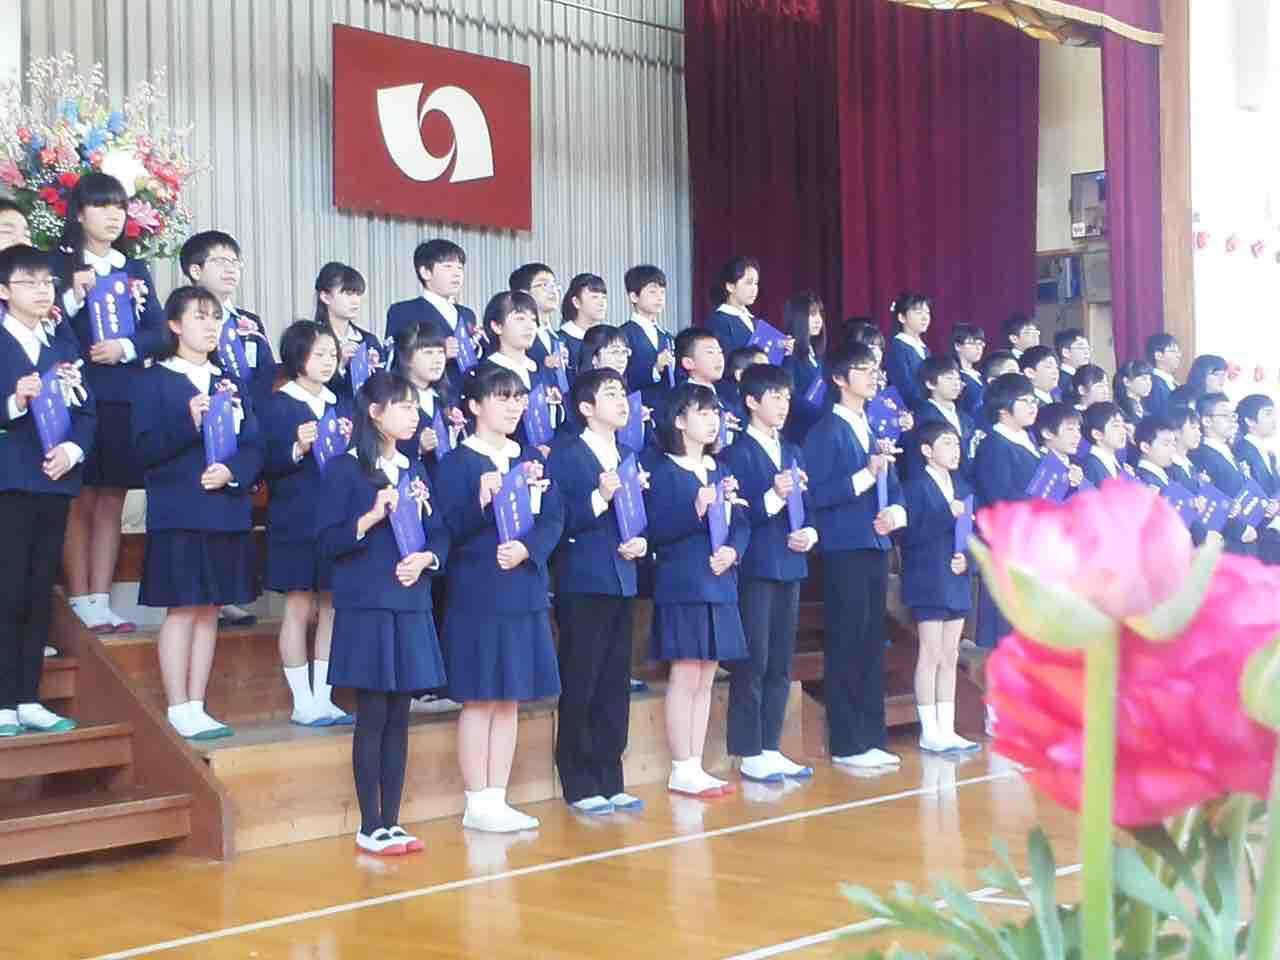 鹿島小の卒業証書授与式_e0068696_831116.jpg